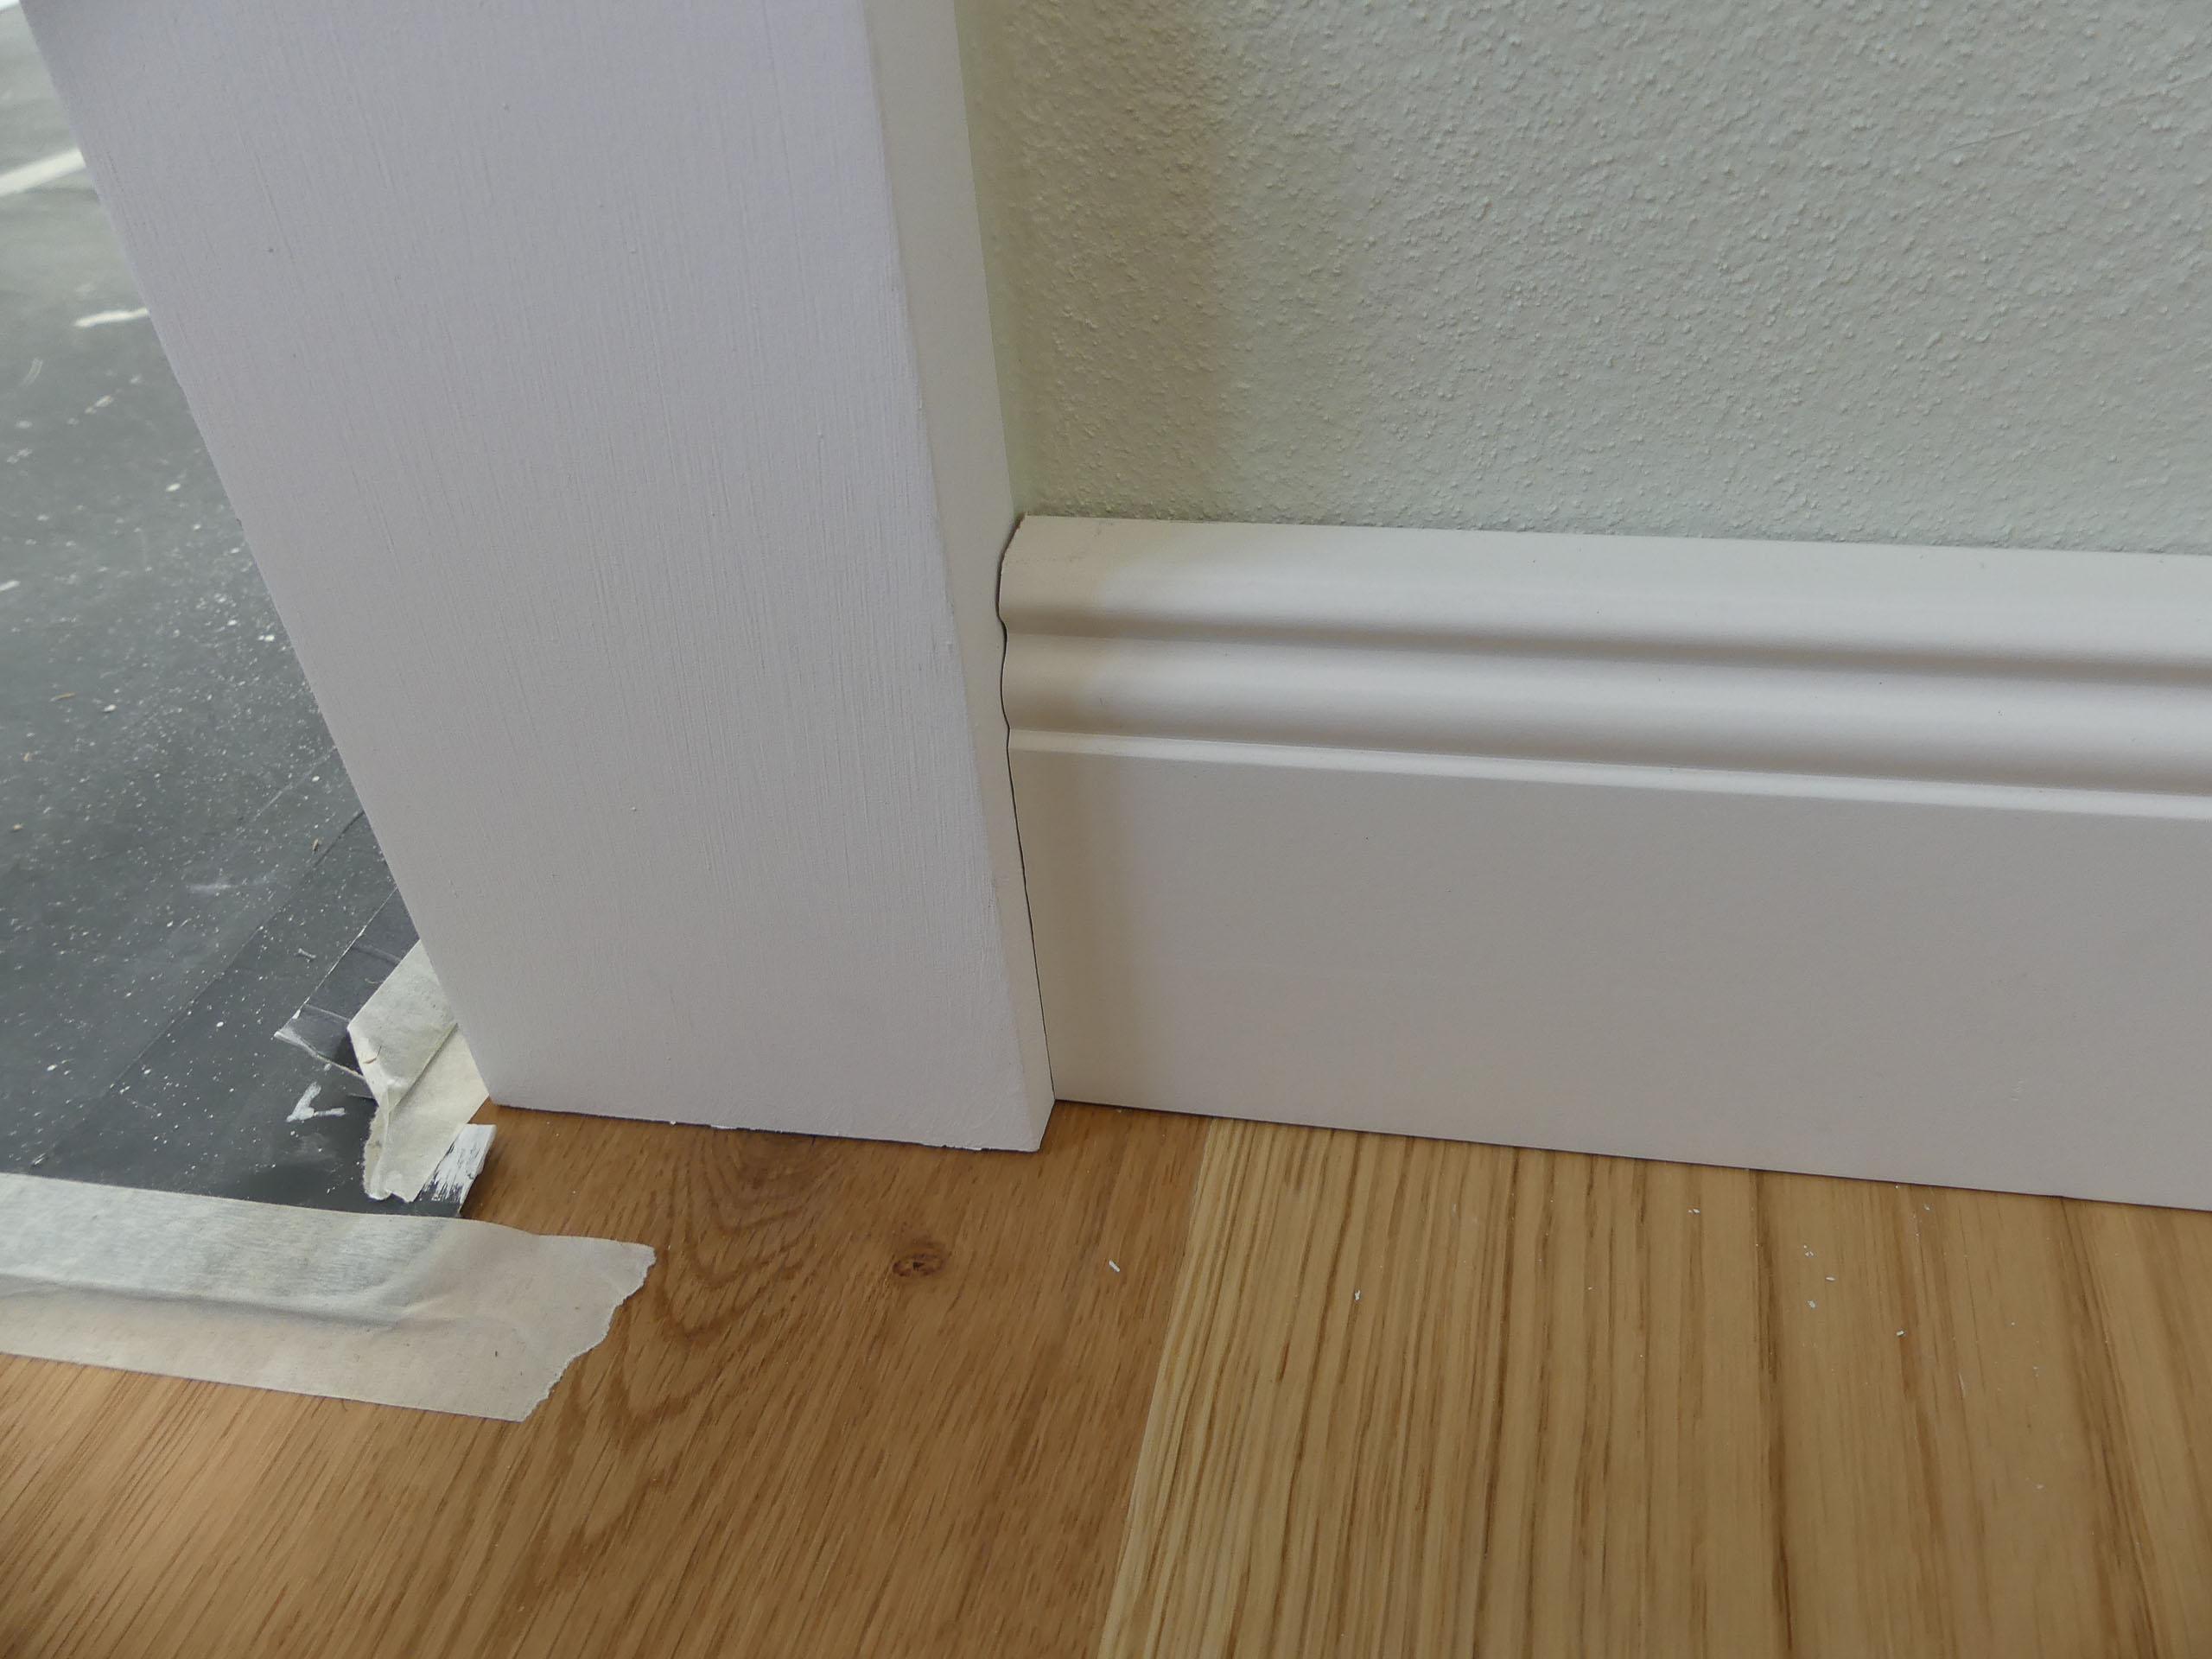 Full Size of Ikea Küche Kosten Deckenleuchte Schlafzimmer Deckenlampen Wohnzimmer Led Deckenleuchten Bad Betten 160x200 Tagesdecken Für Decken Moderne Keramik Wohnzimmer Ikea Sockelleiste Ecke